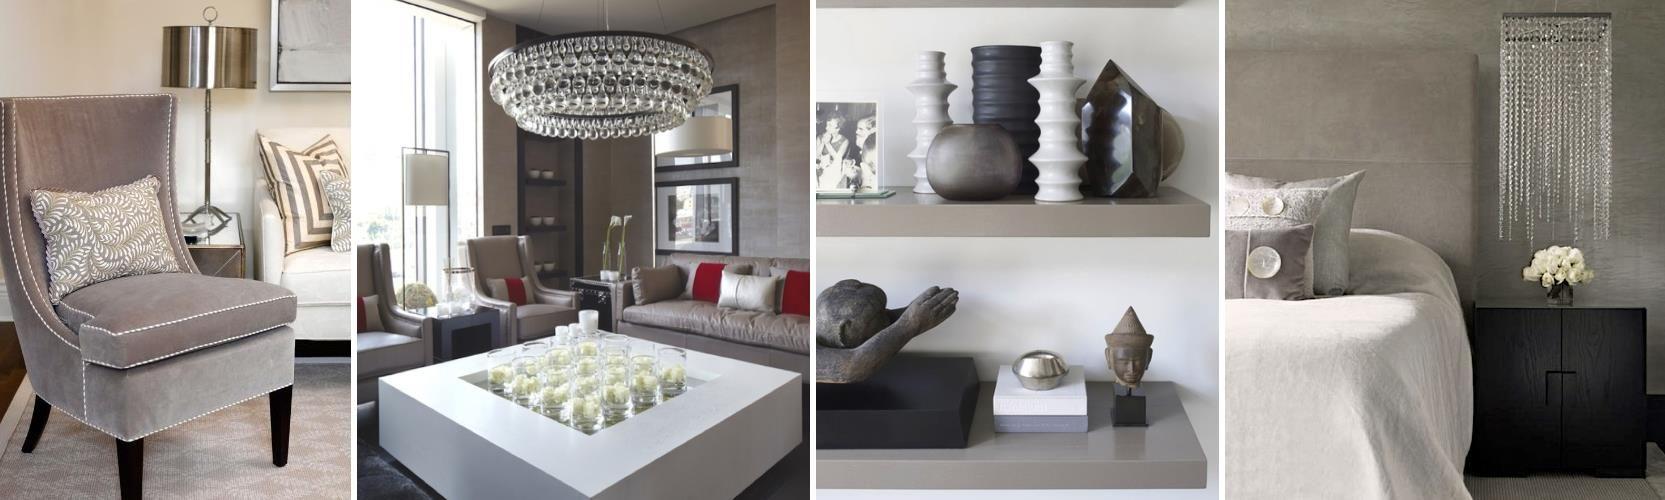 Taupe interior design - Feminine Taupe Interior Design